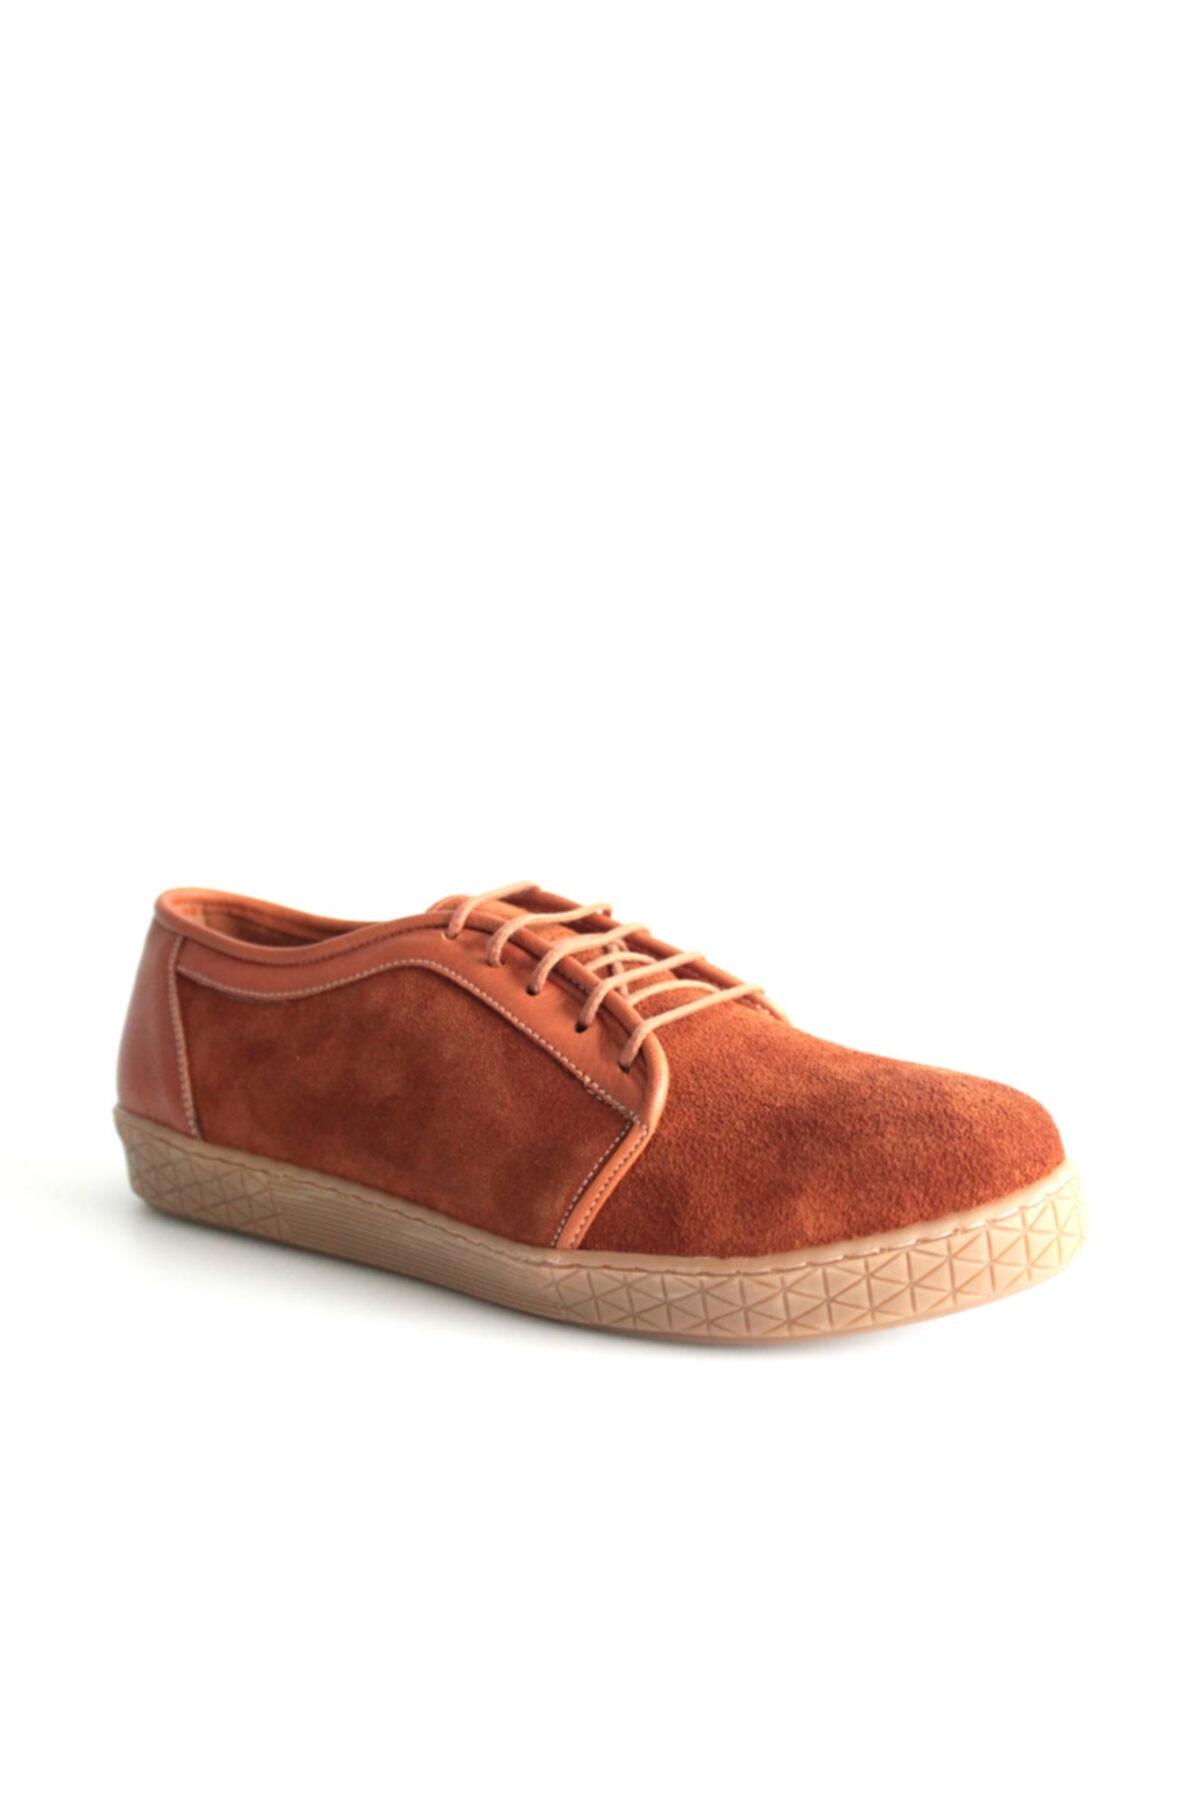 Beta Shoes Günlük Ayakkabı Hakiki Deri Kadın Süet Taba 1